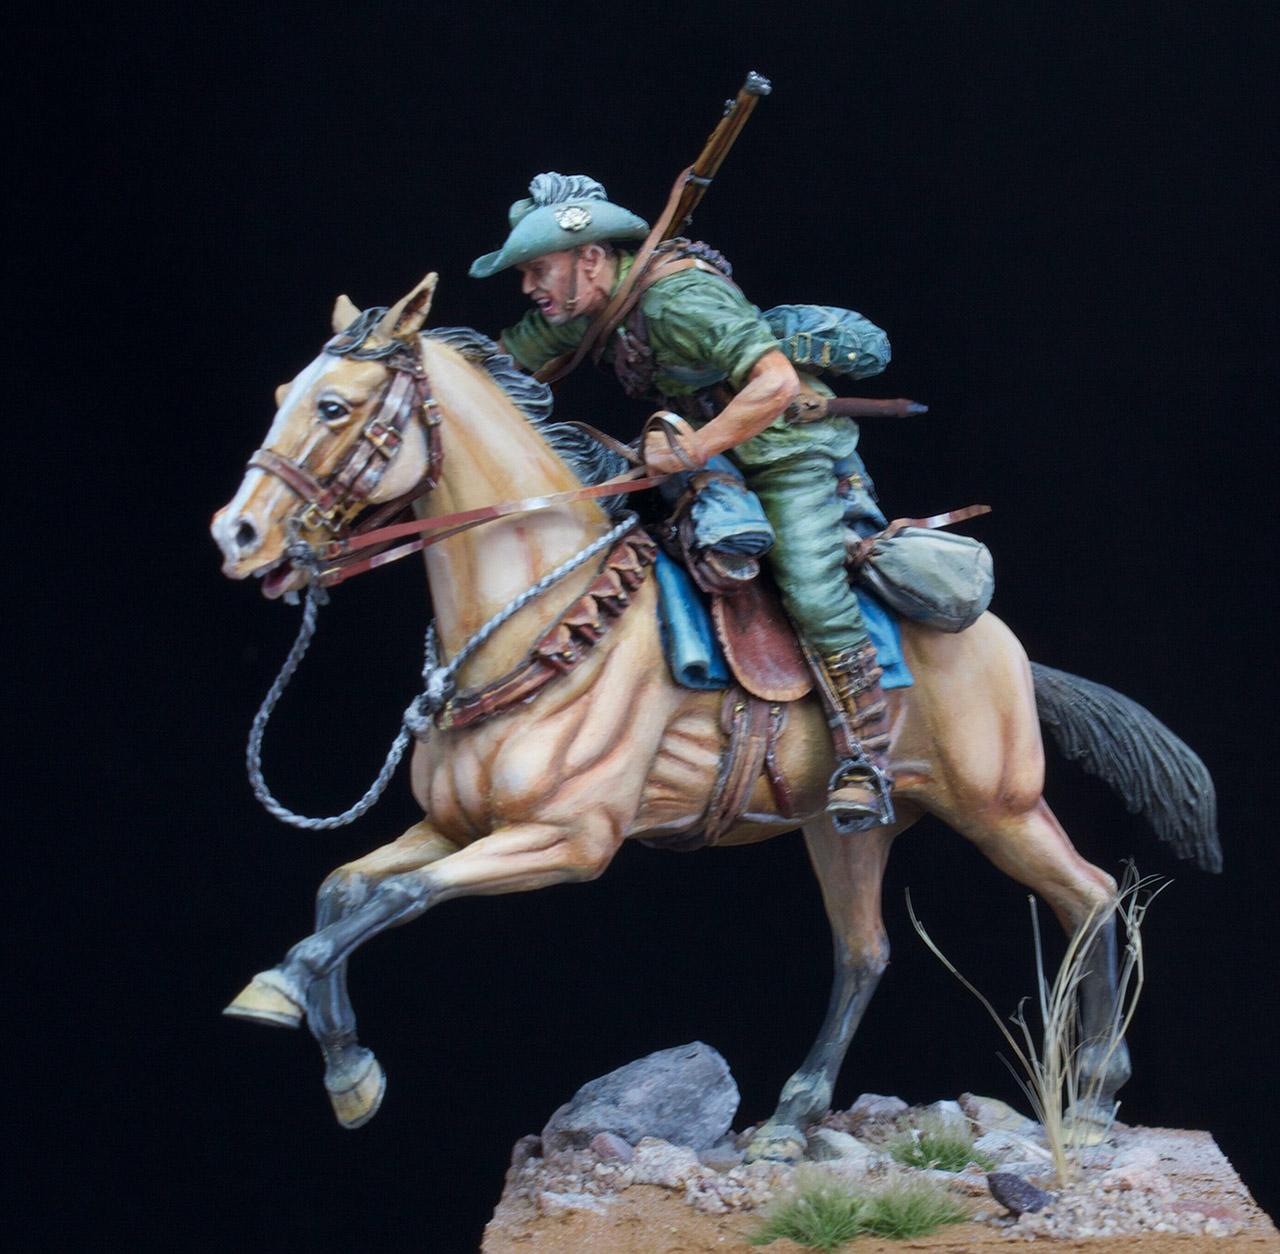 Фигурки: Боец Австралийской легкой кавалерии, Первая Мировая война, Беэр-Шева, 1917 год., фото #6